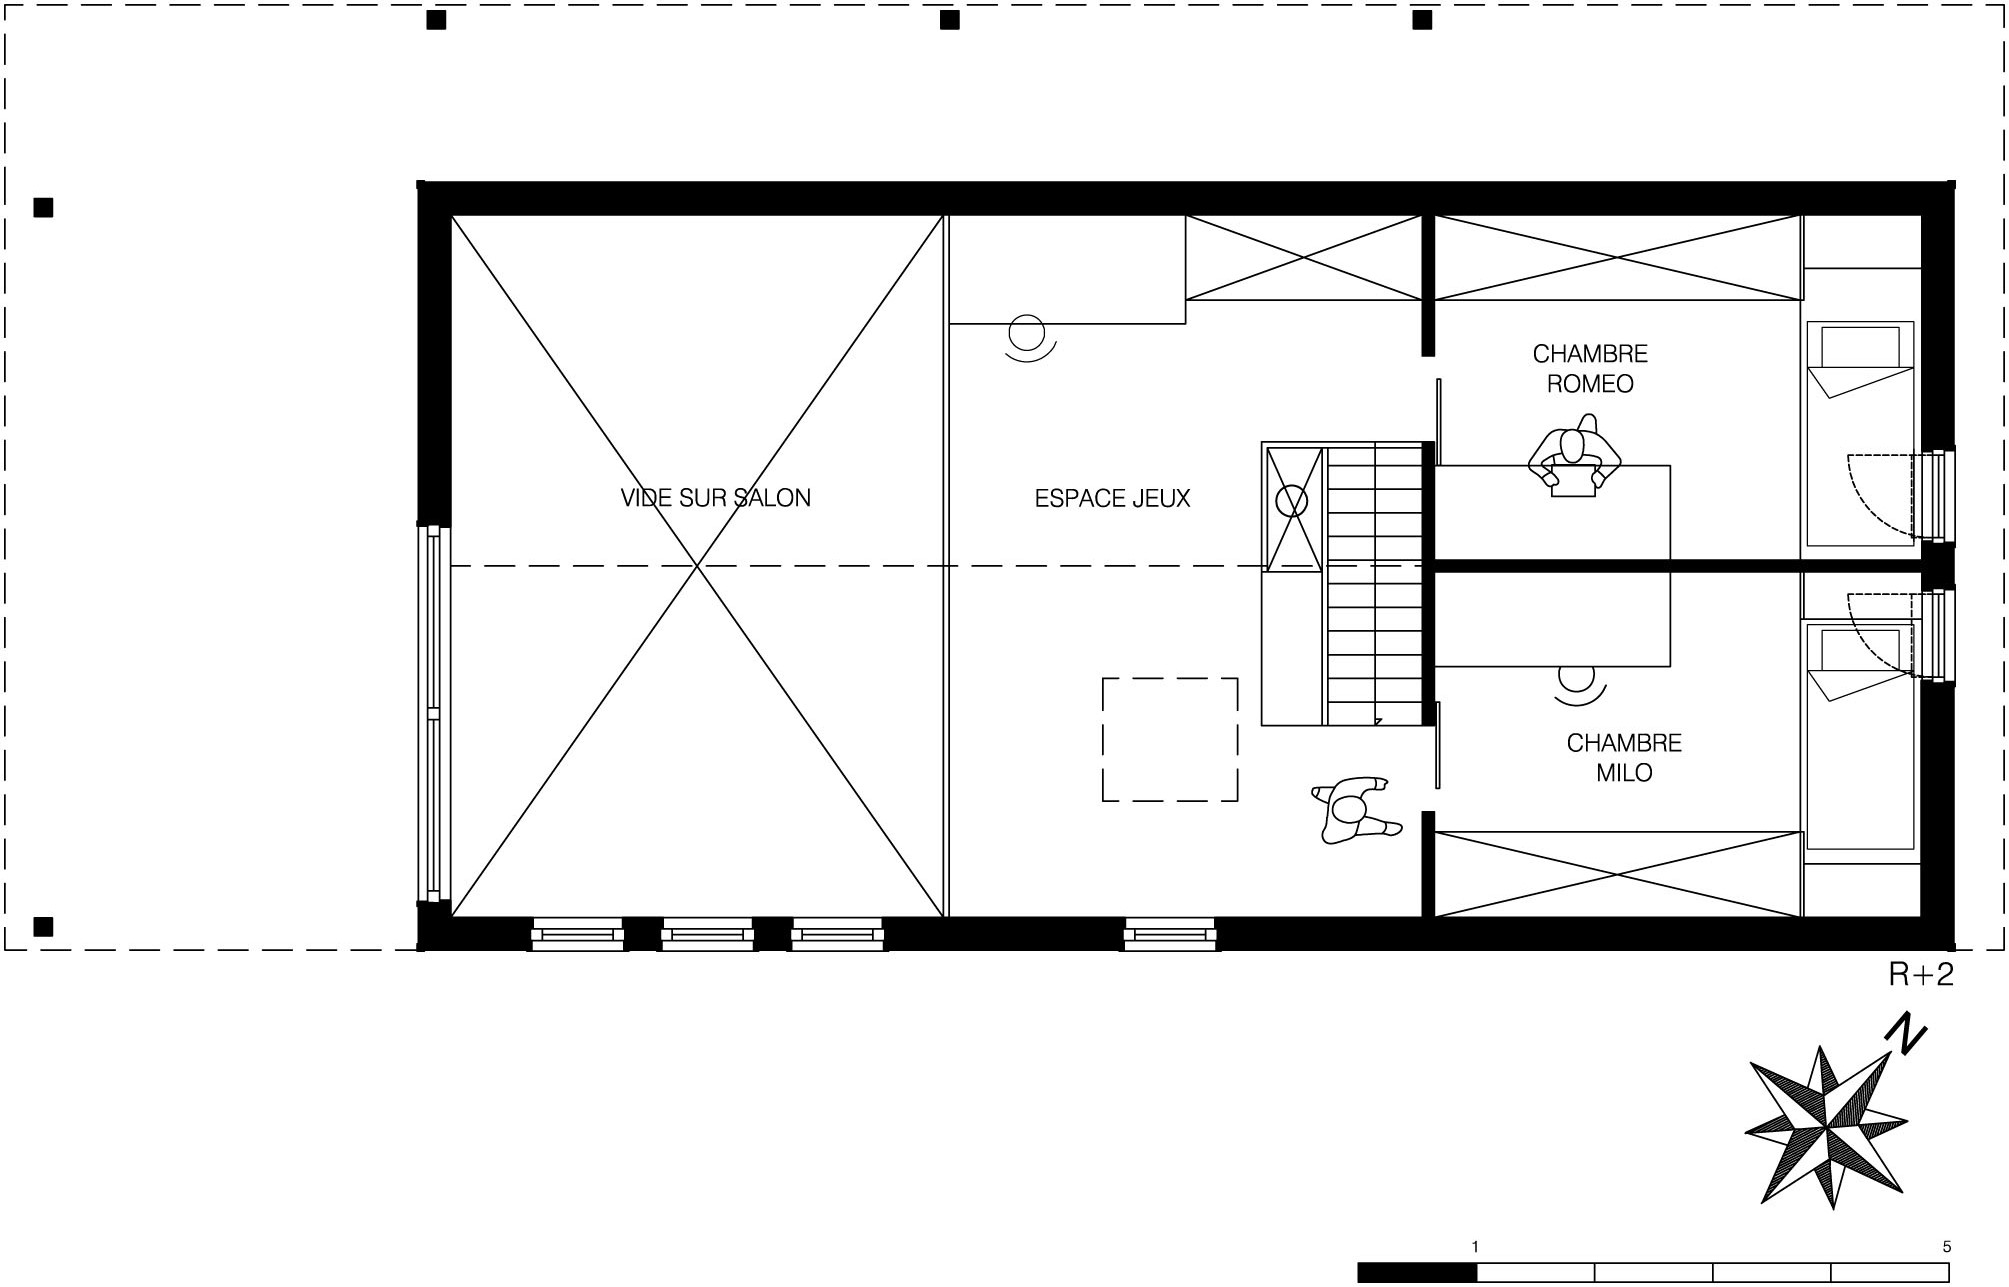 carbonwood plan r+2 light.jpg